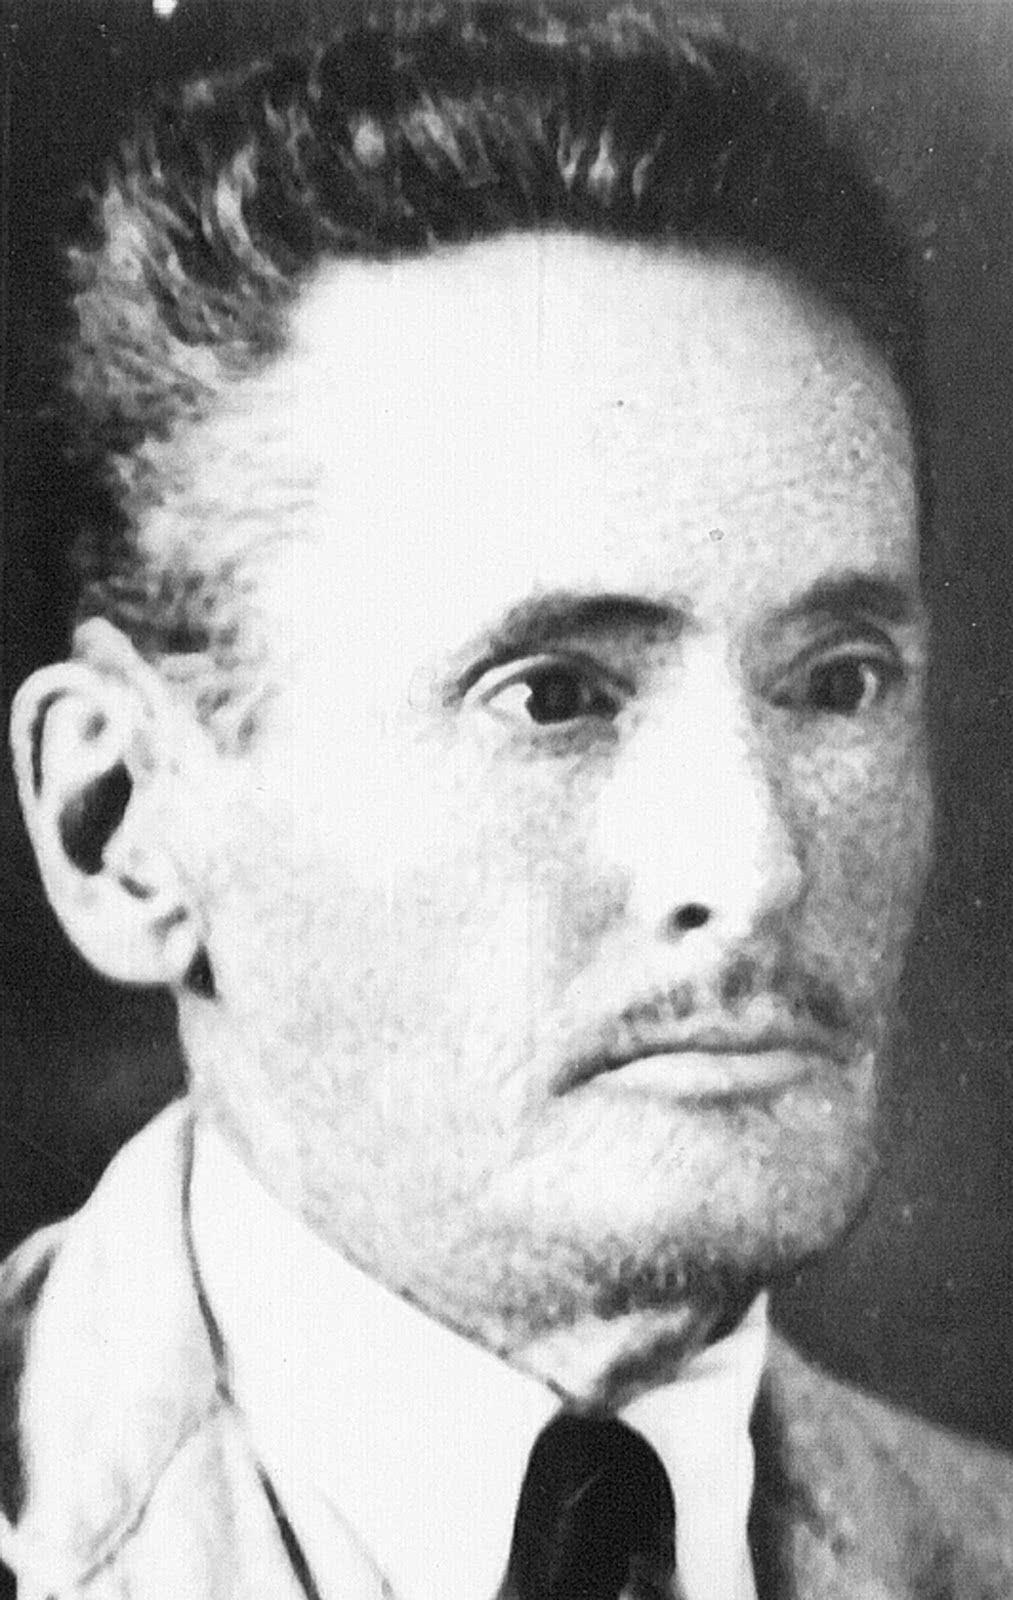 Гауш Александр Федорович (1873 – 1947)